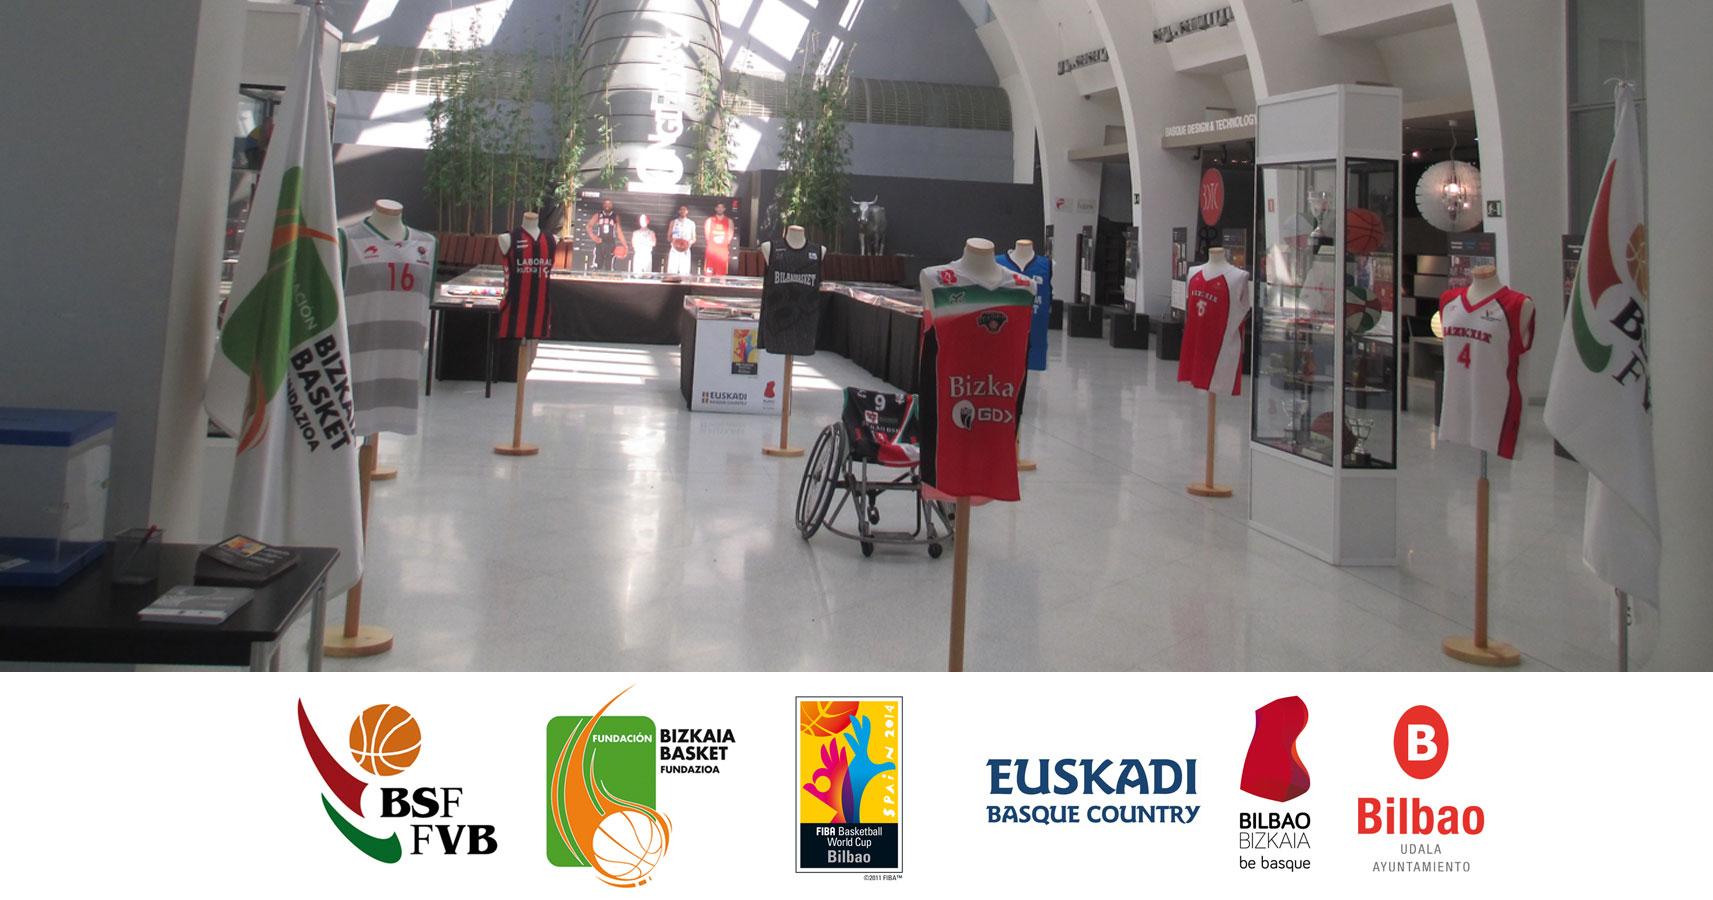 Actividades de la Fundación BizkaiaBasket con motivo de la Copa del Mundo FIBA 2014